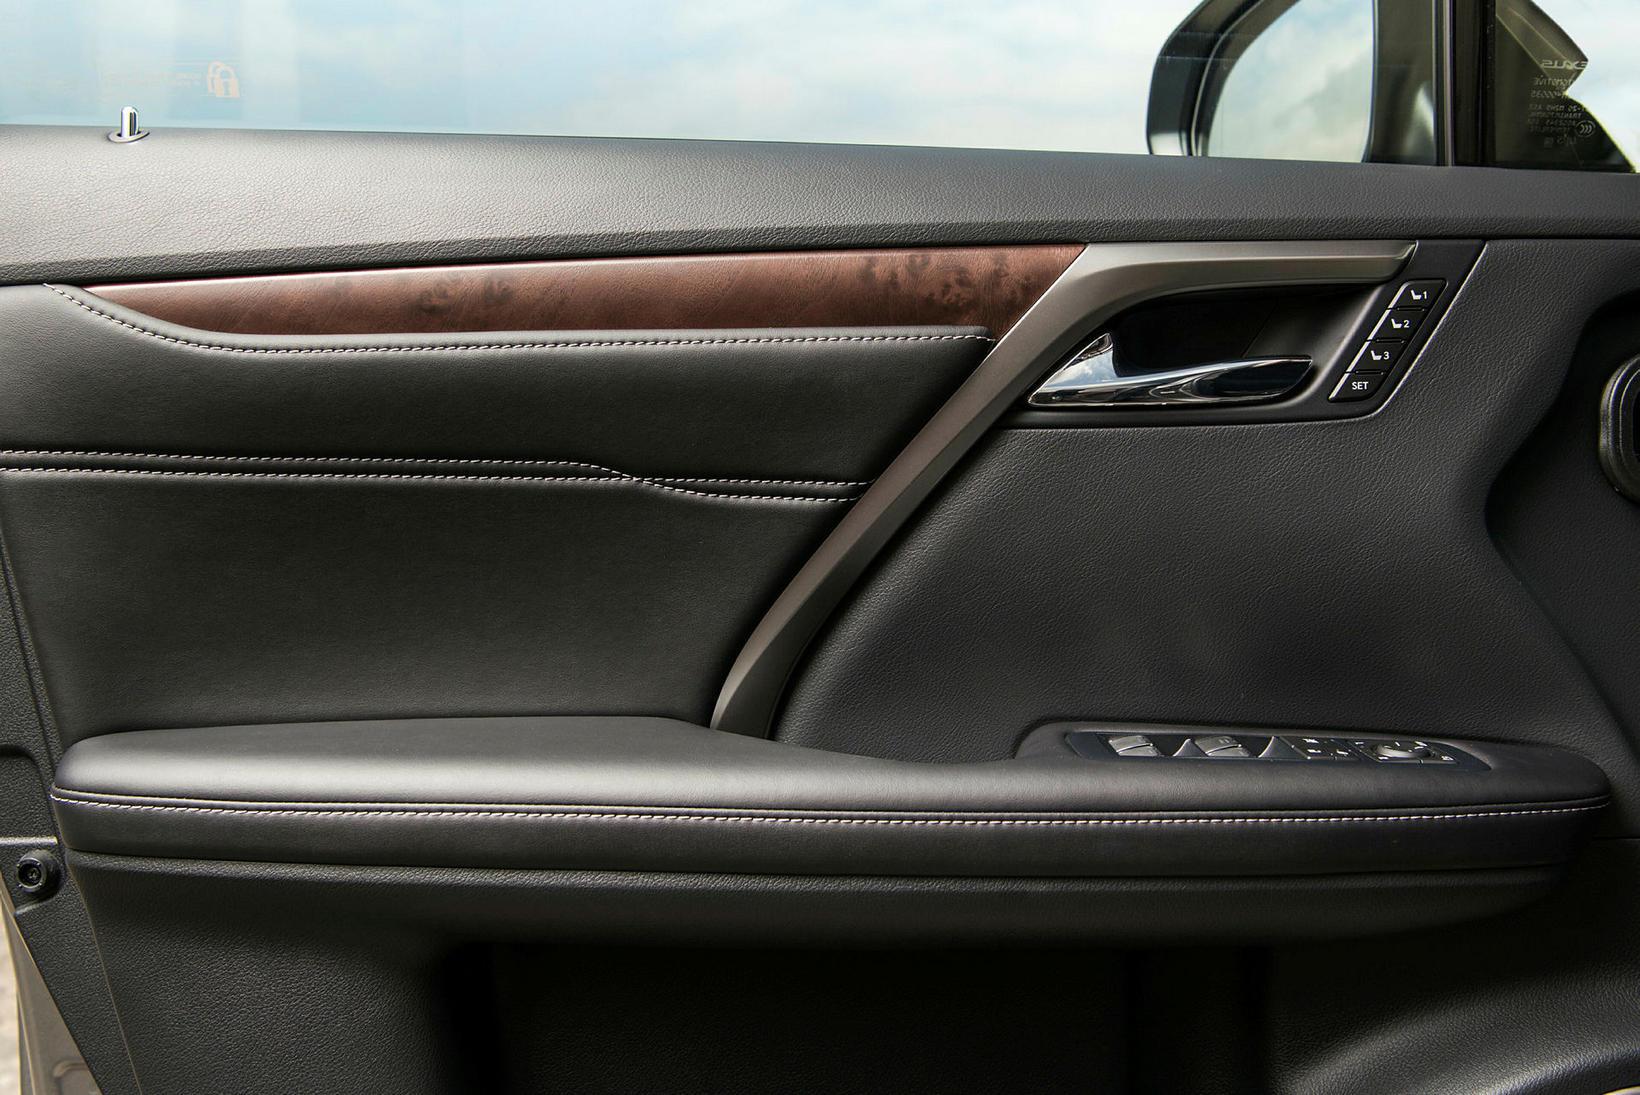 Lexus 450 h